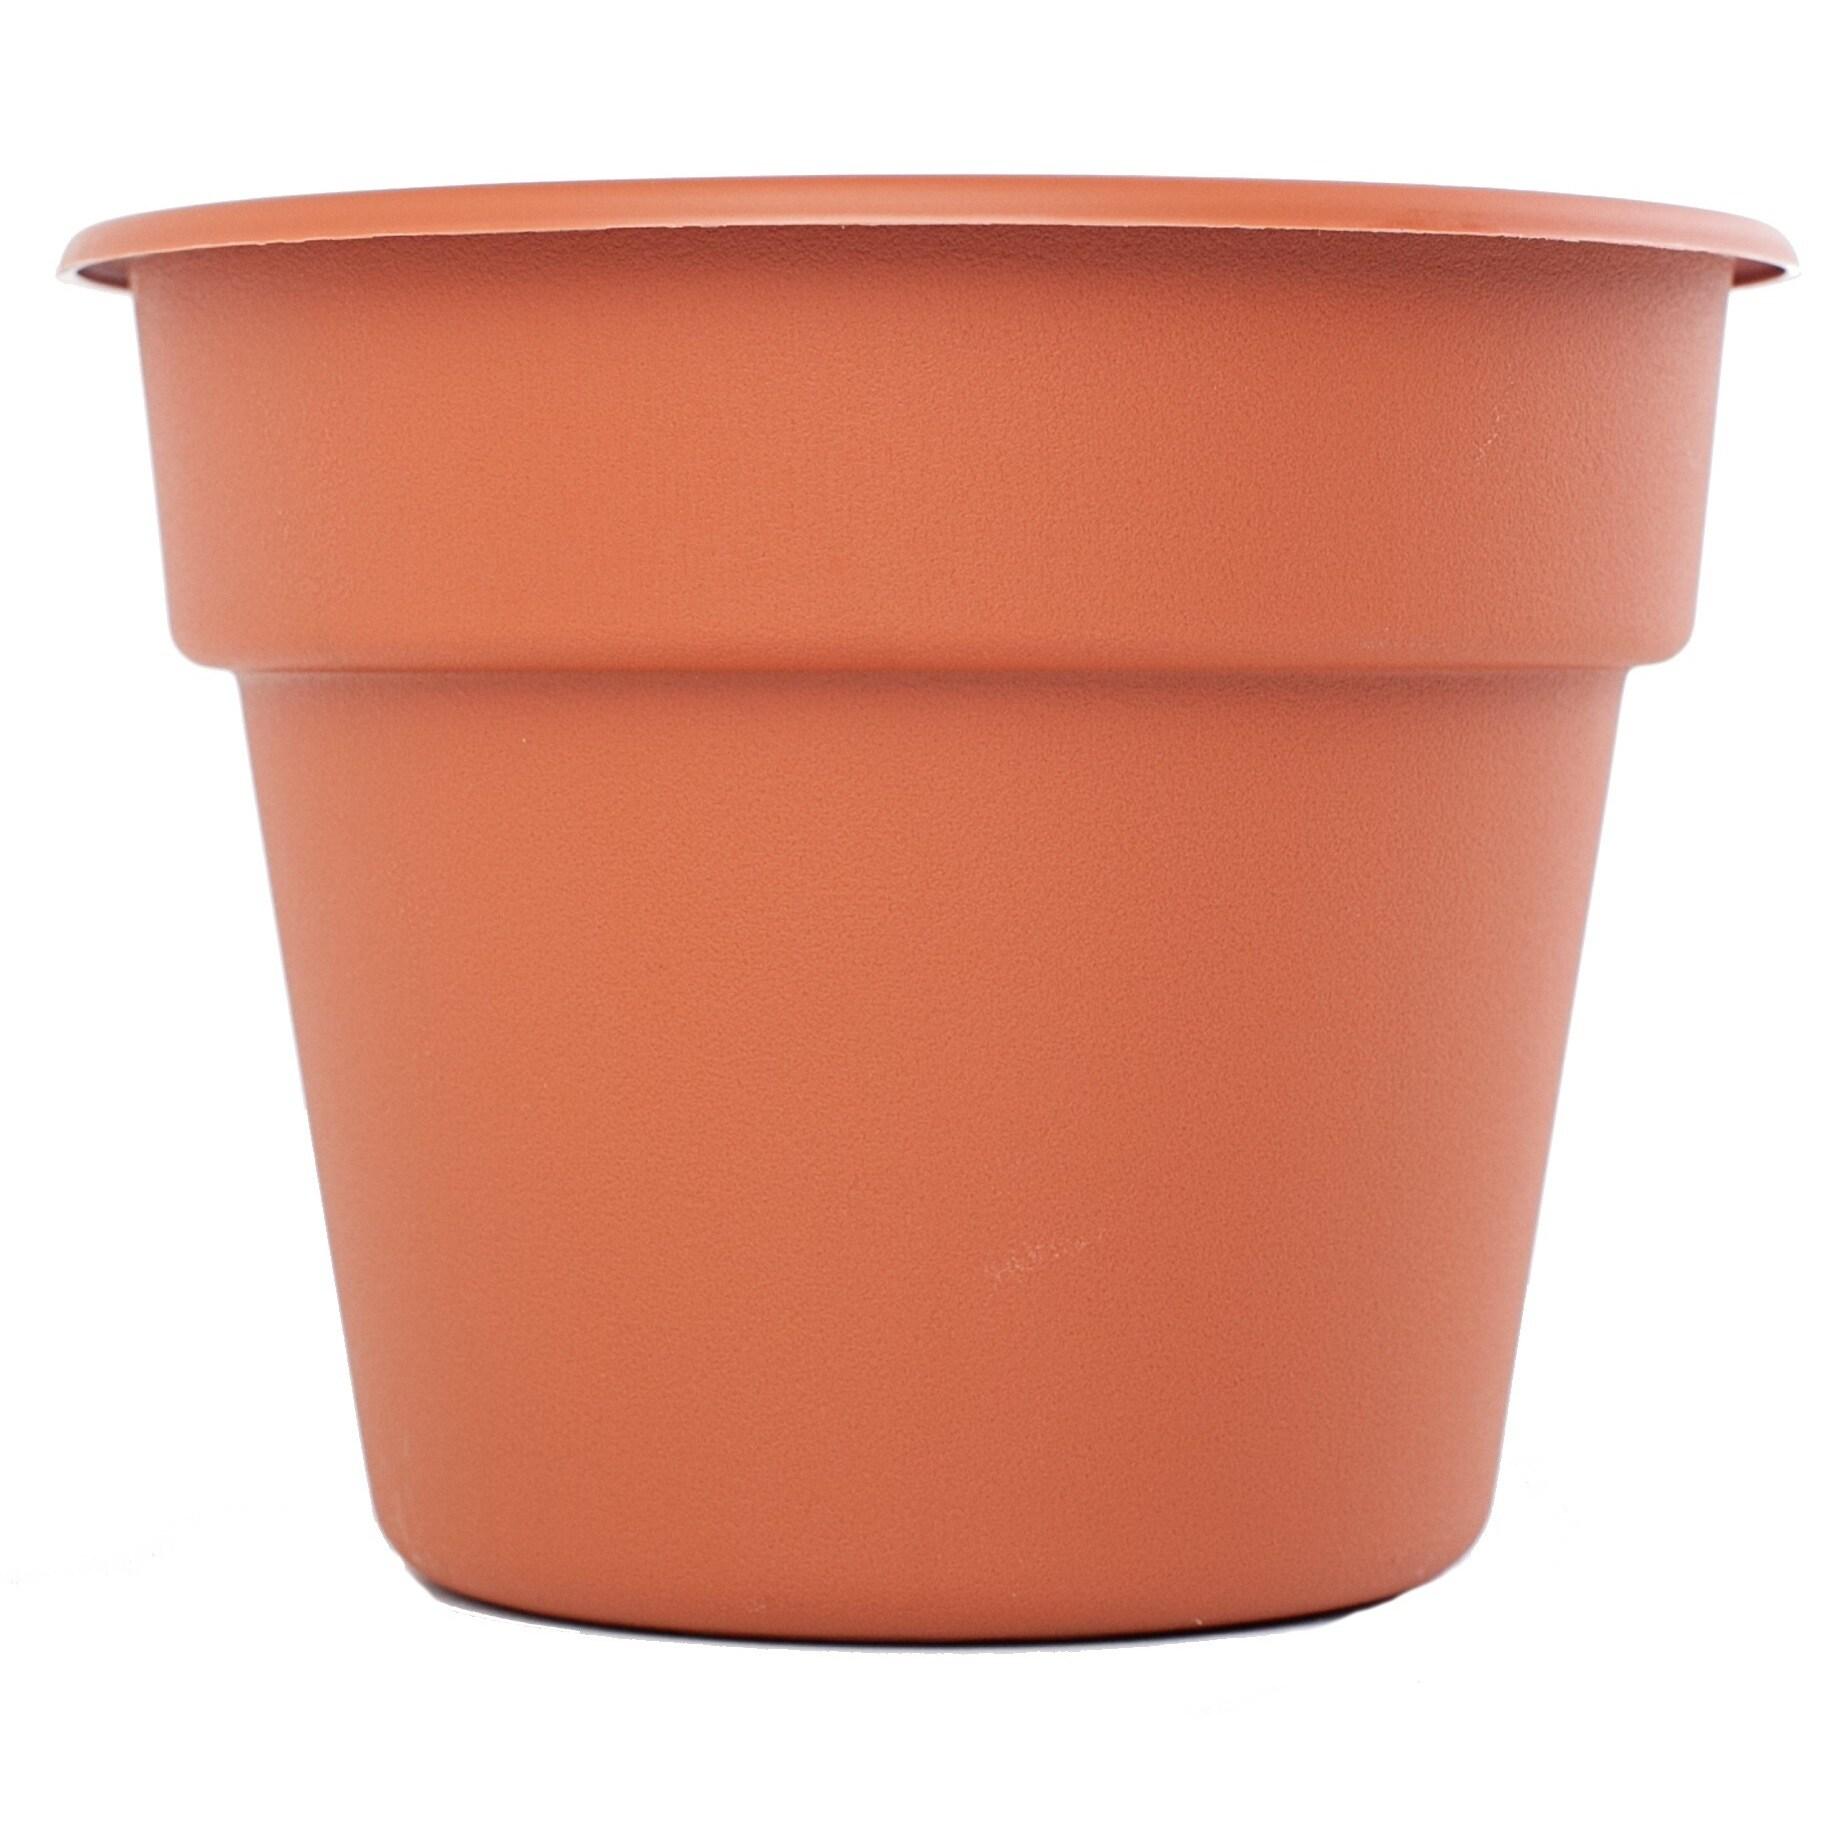 Bloem Terra Cotta Dura Cotta Planter (16), Orange (Plasti...